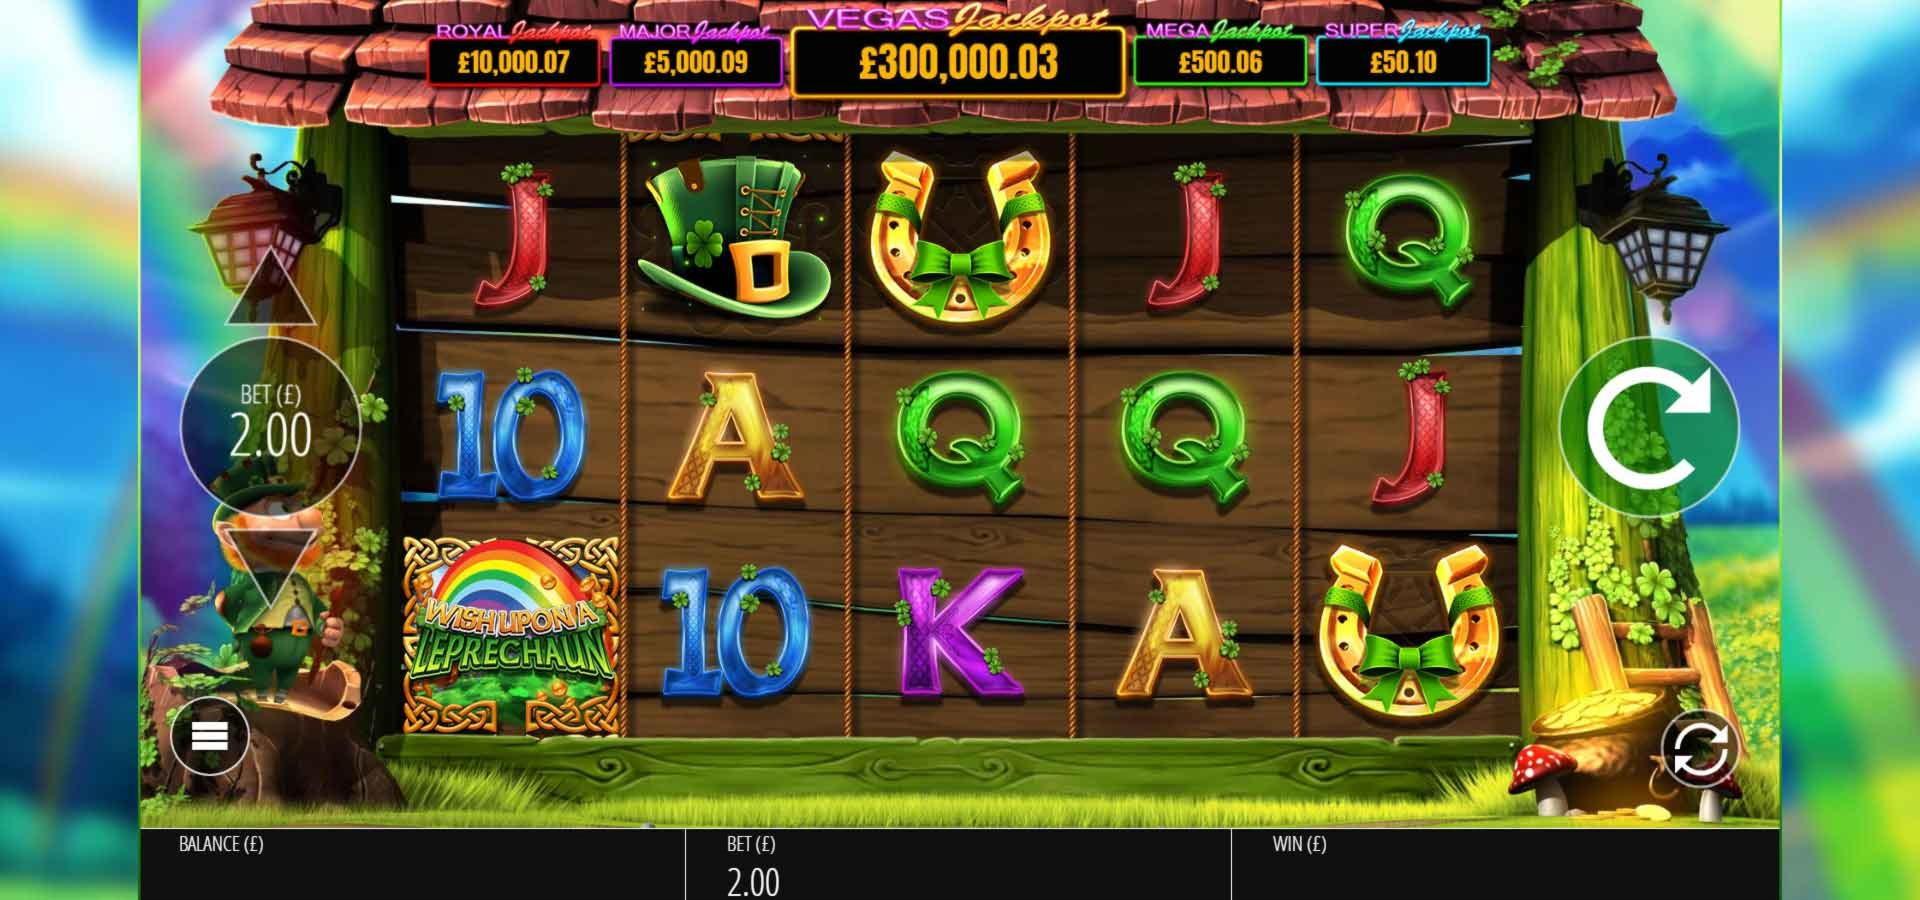 95 Free Casino Spins på Qeen Bee Bingo